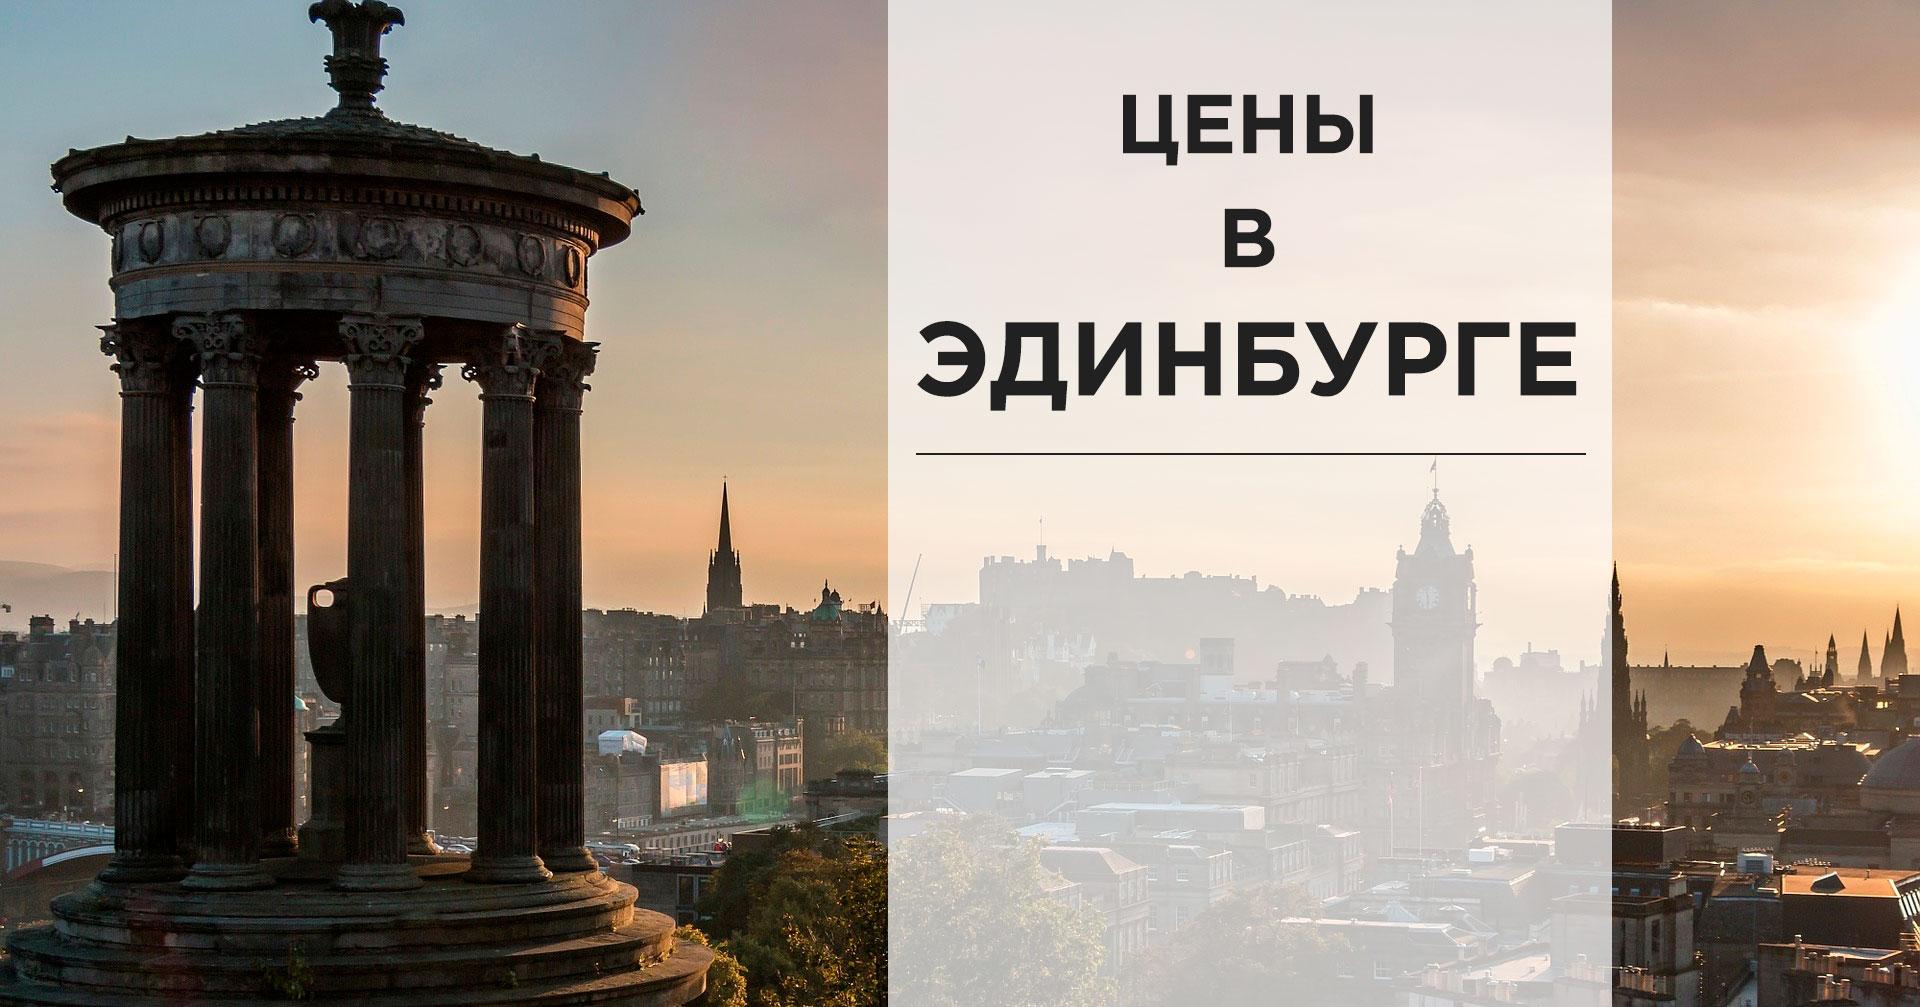 Цены в Эдинбурге, Шотландии – ежедневный бюджет туриста